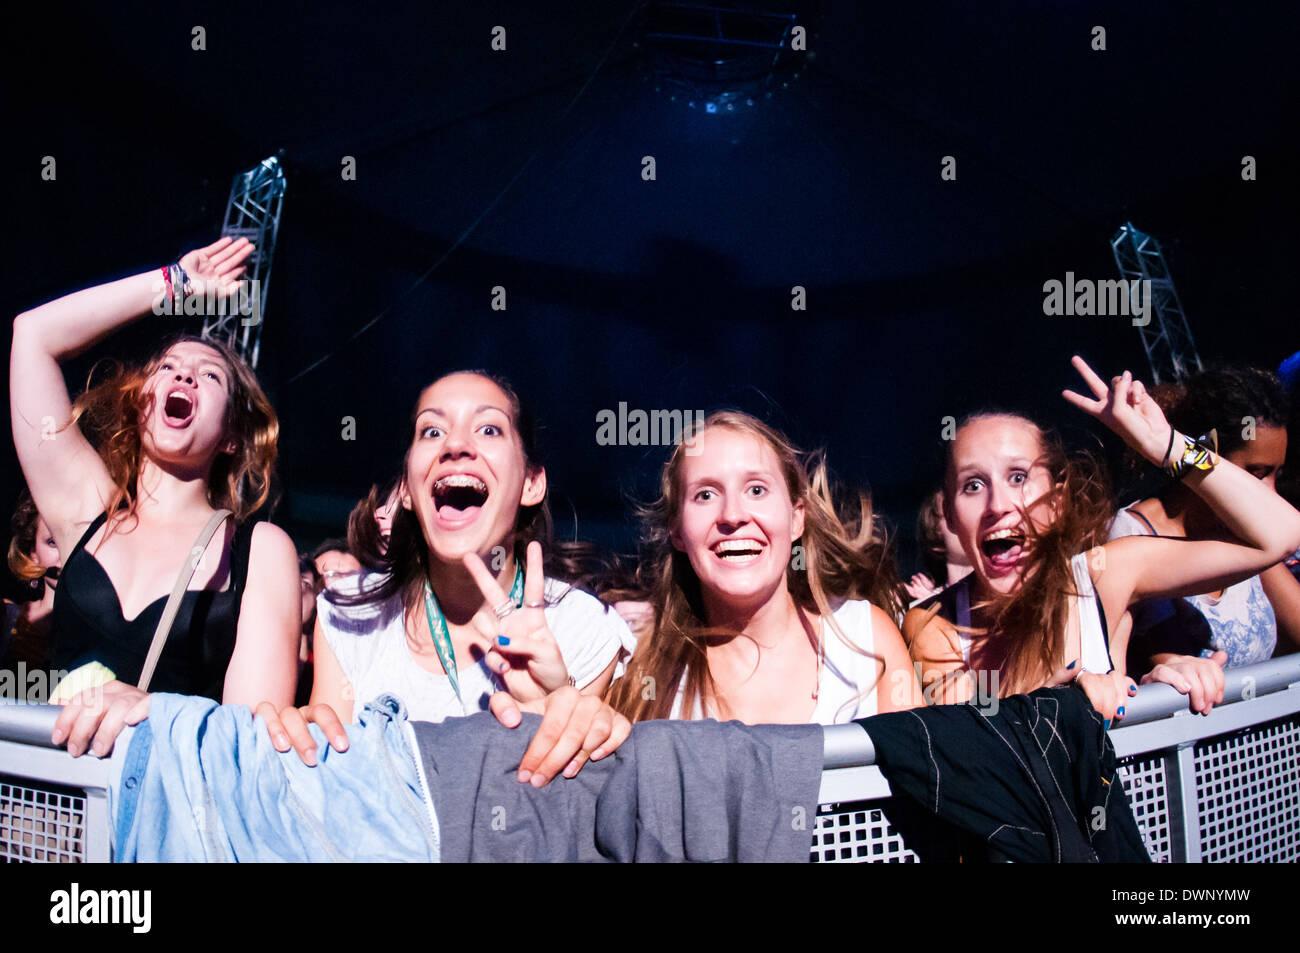 Gruppo di 4 ragazze giovani entusiasti in prima fila ad una Bažant Pohoda music festival Immagini Stock